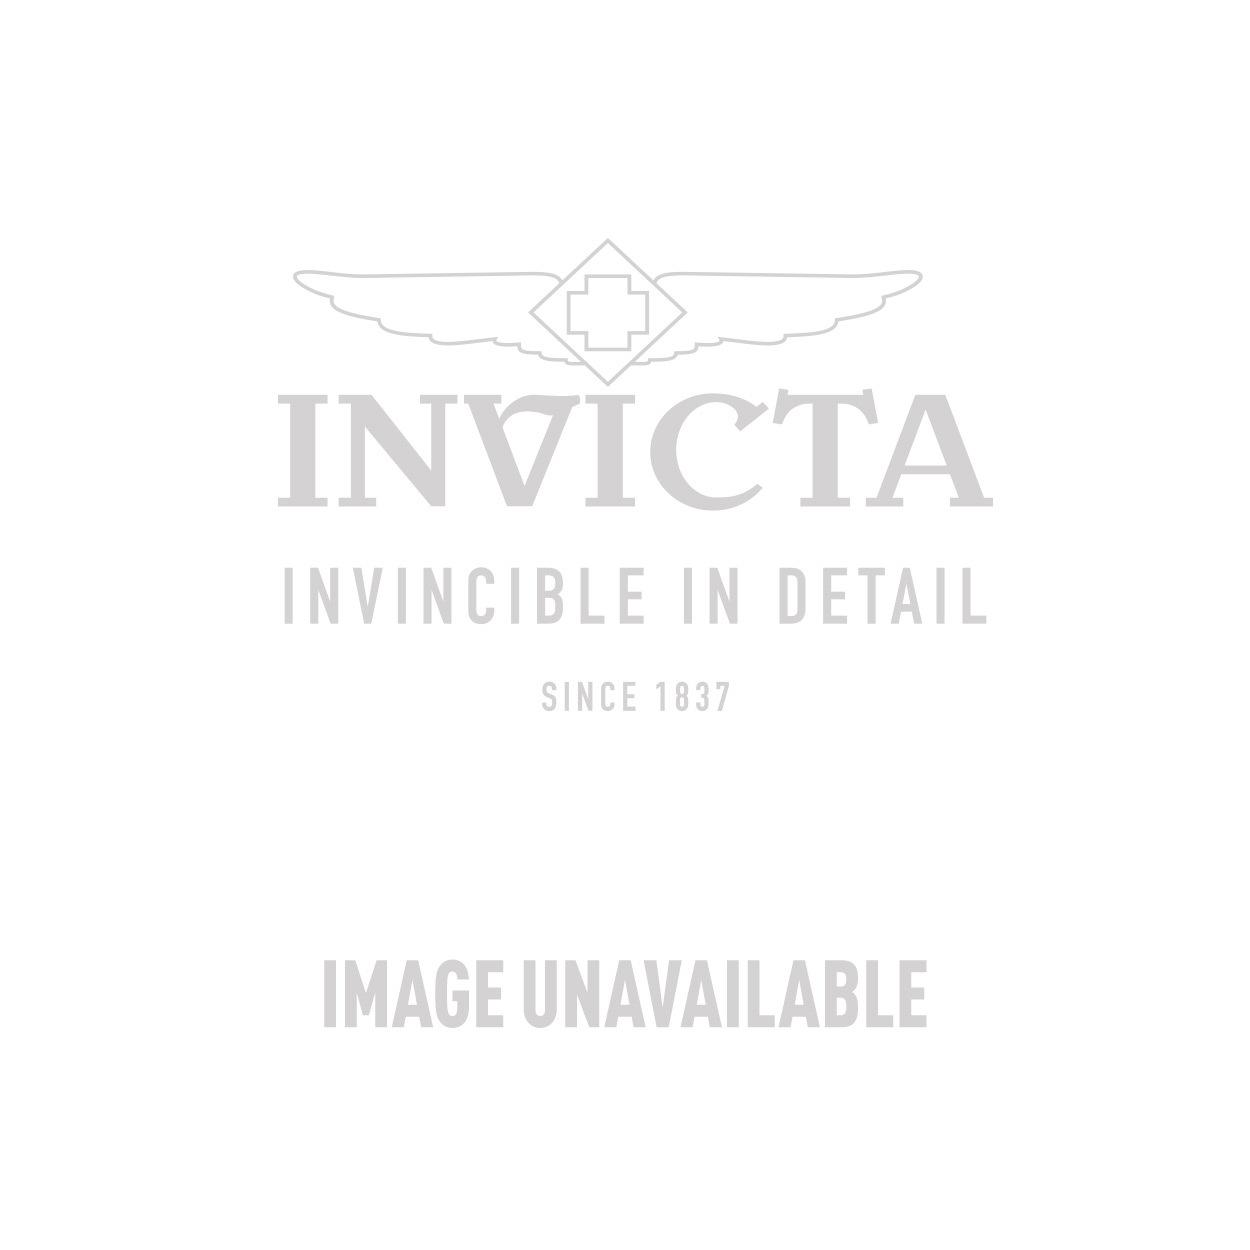 Invicta Model 28496